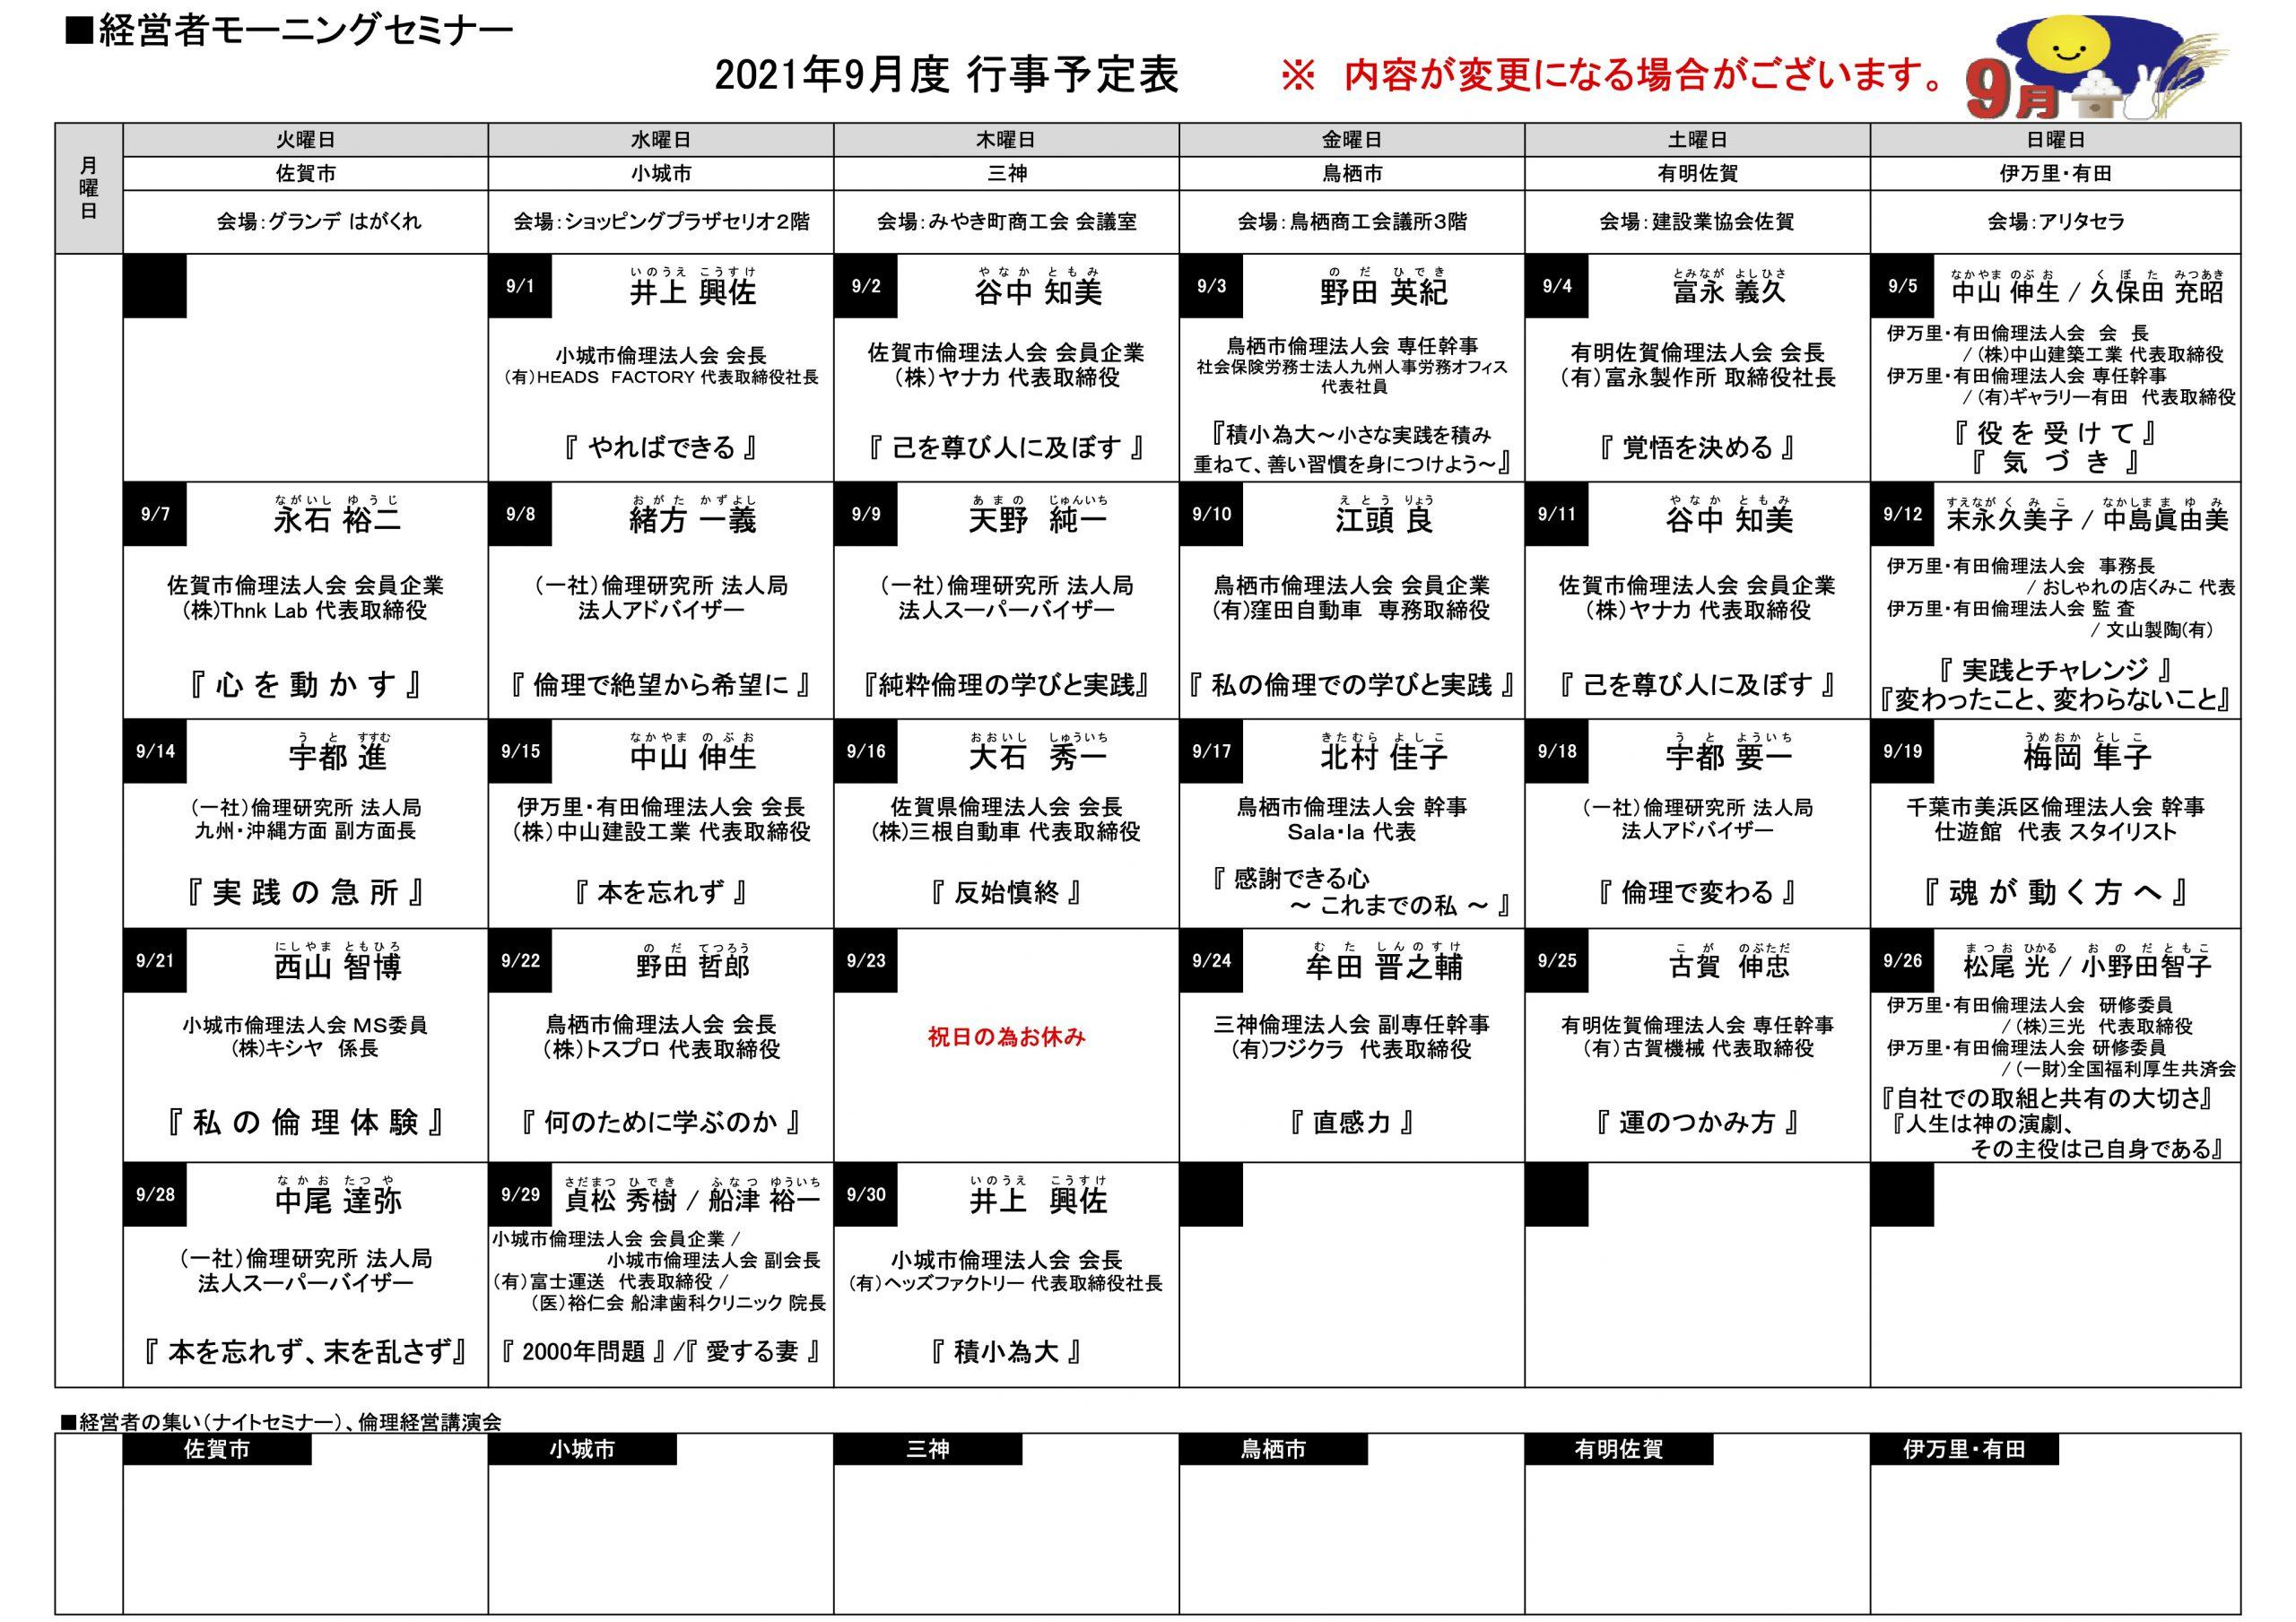 佐賀県倫理法人会 2021年9月度 行事予定表